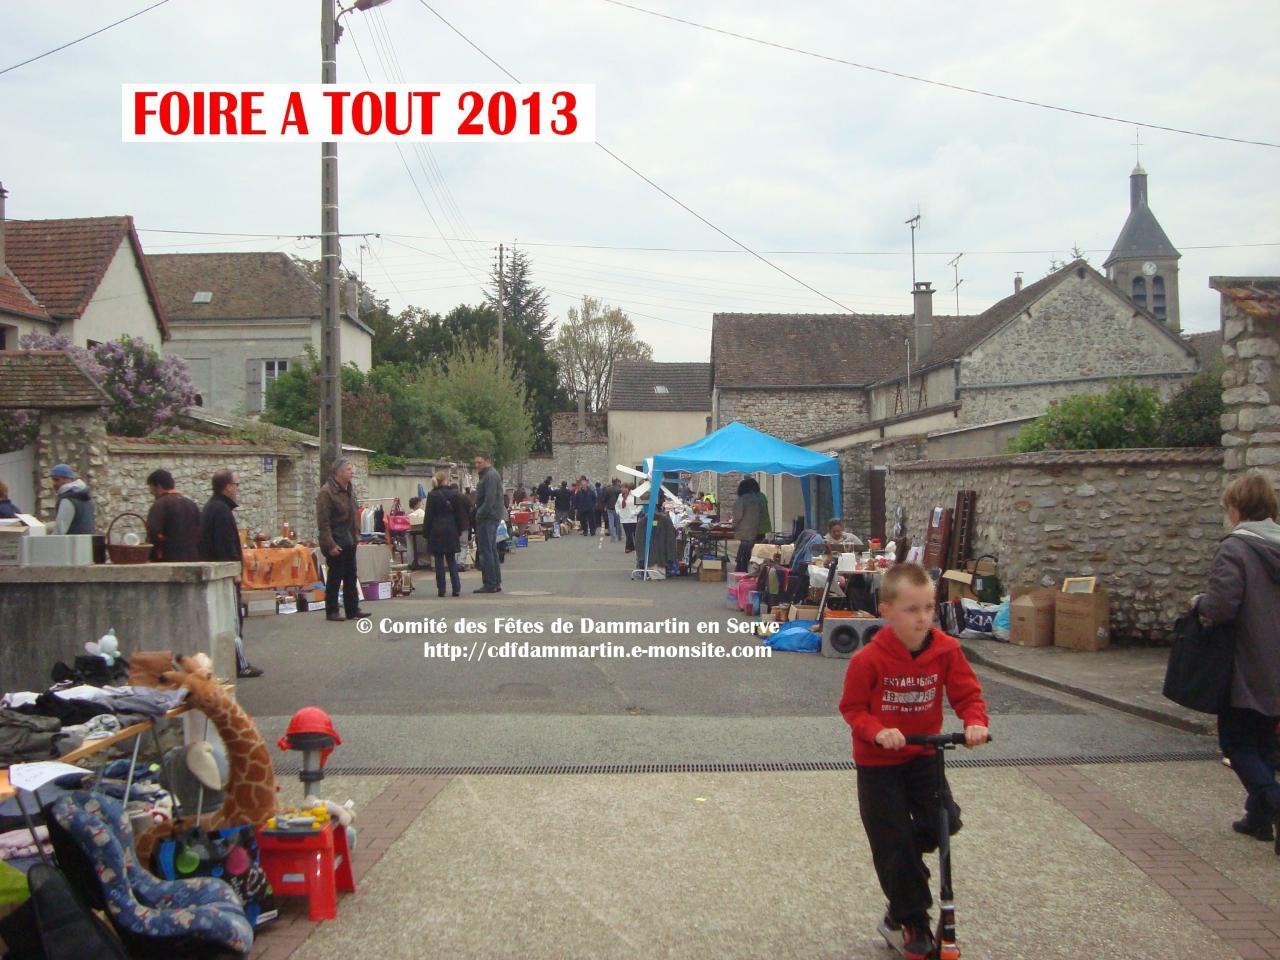 Vide grenier 2013 - Foire a tout 60 ...